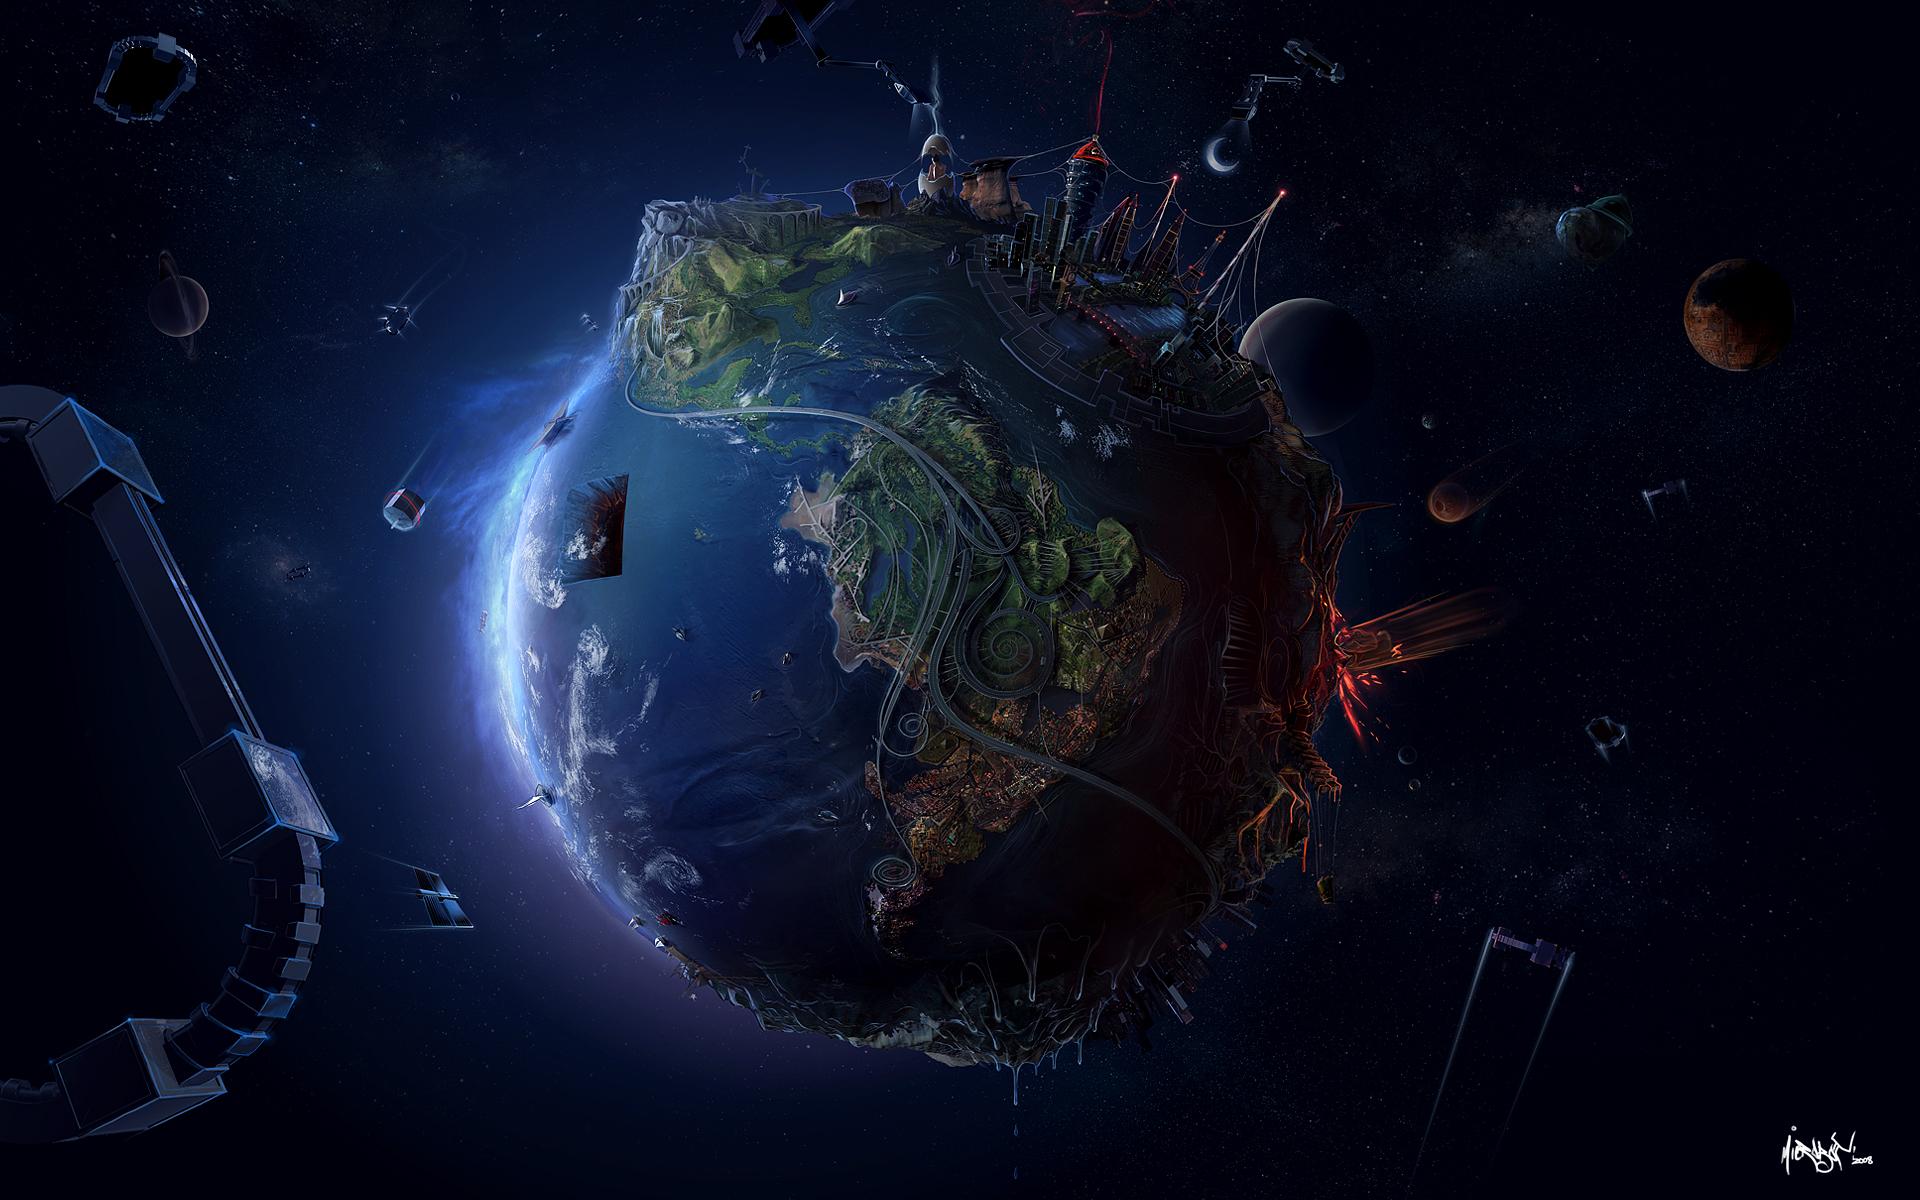 high wallpaper alien resolution world earth 1920x1200 1920x1200